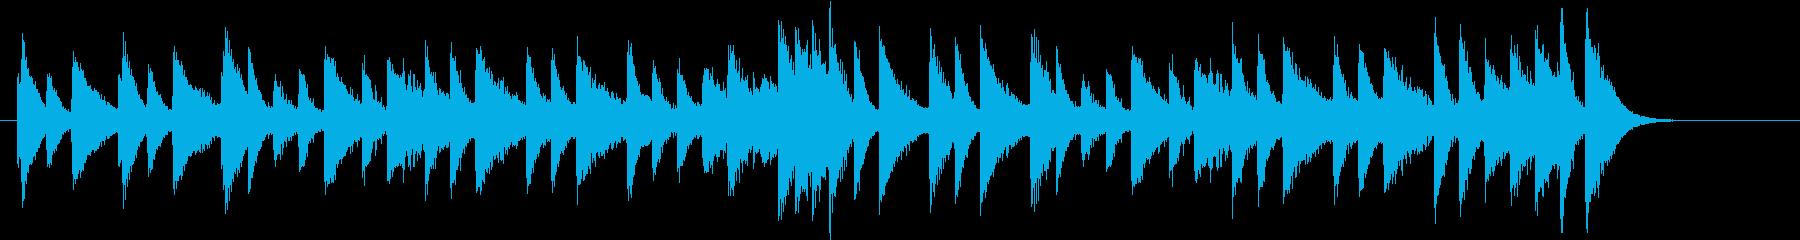 ジングルベルモチーフのピアノジングルAの再生済みの波形